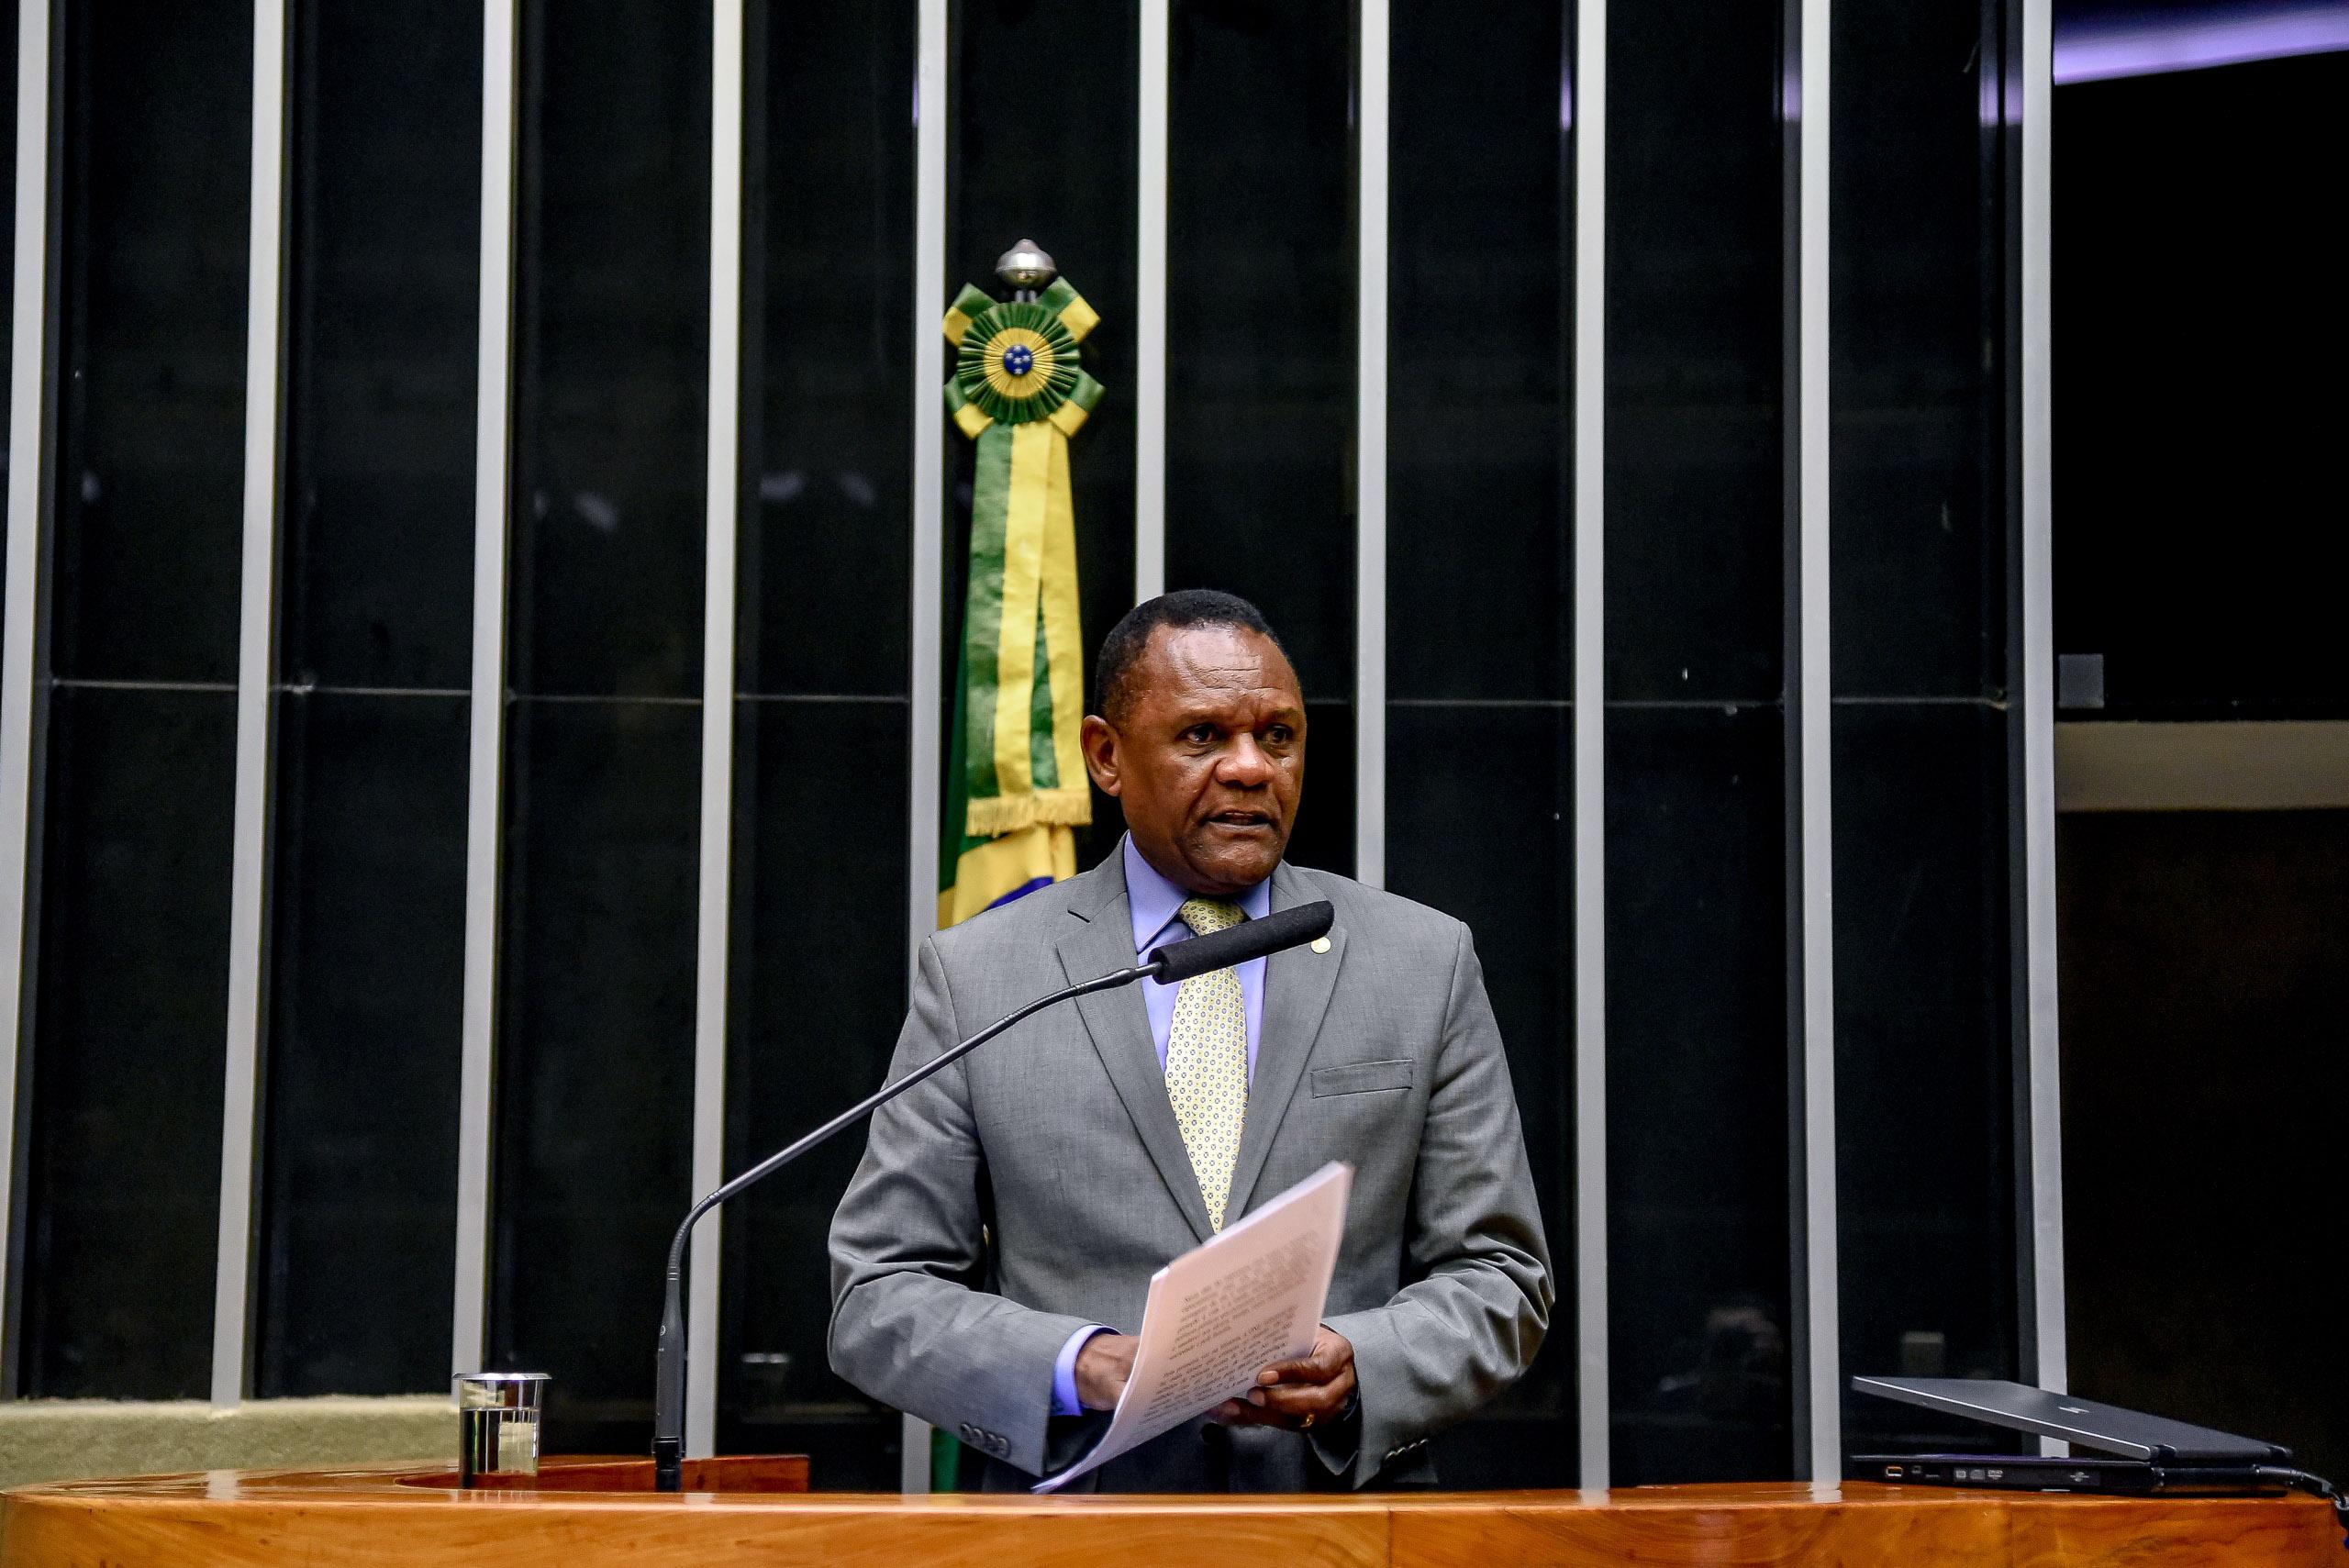 Câmara aprova criação do Grupo Parlamentar Brasil-República da Costa do Marfim